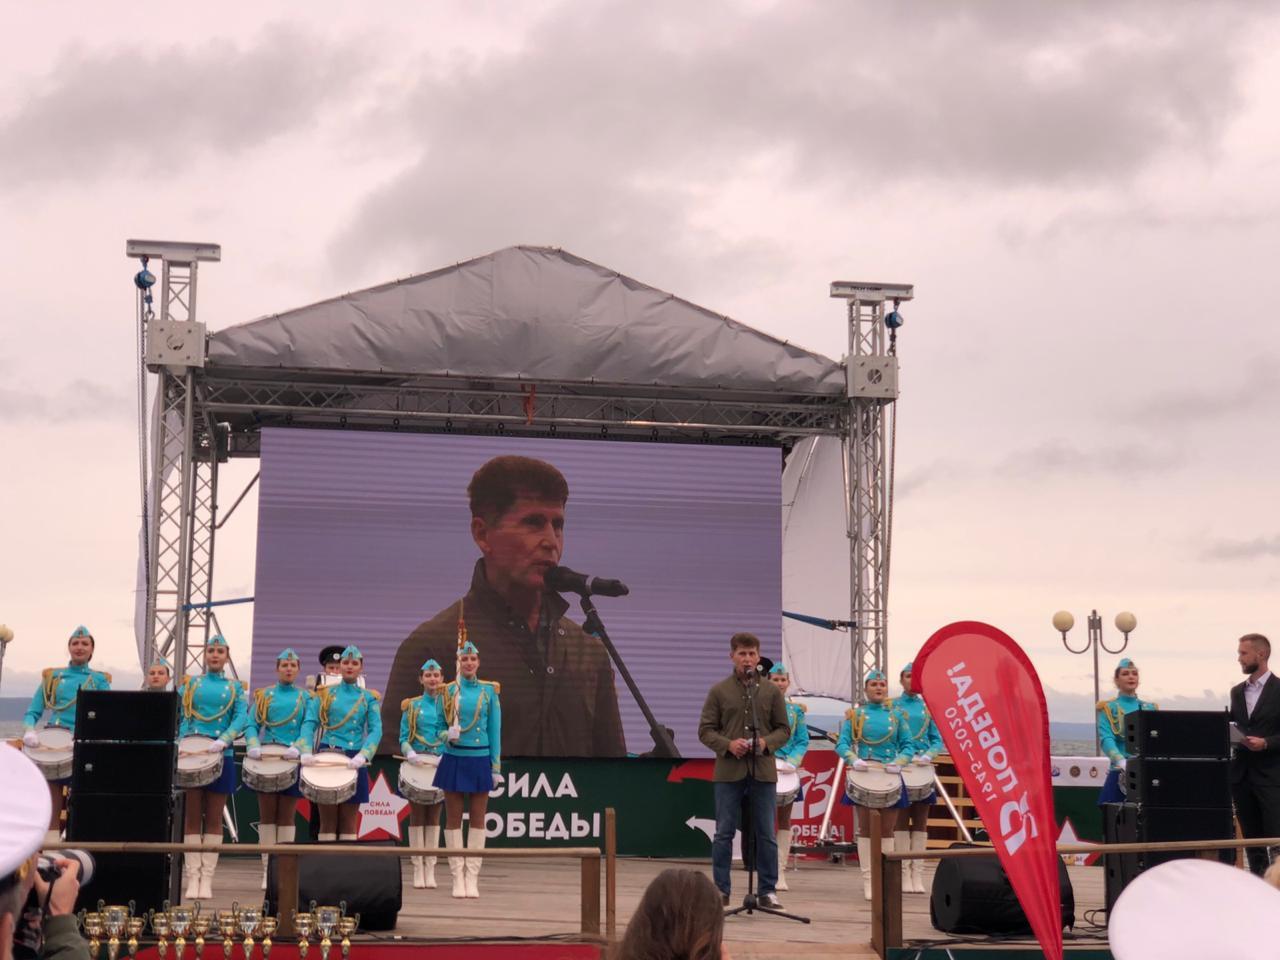 Военно-спортивный фестиваль «Сила Победы» состоялся в Приморье